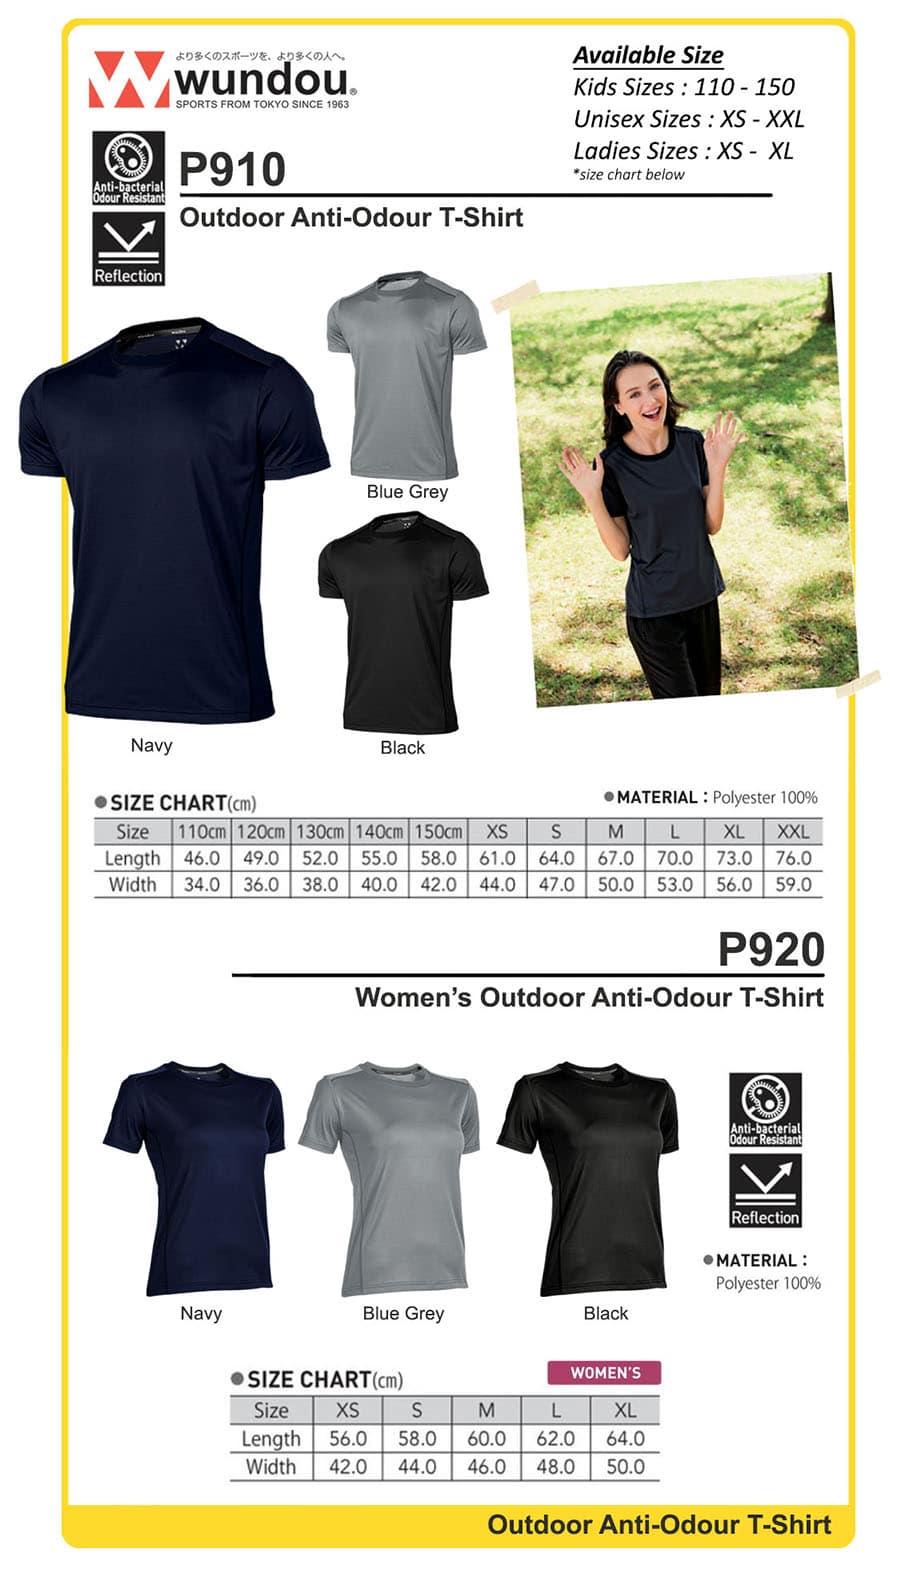 Outdoor Anti-Odour Tshirt